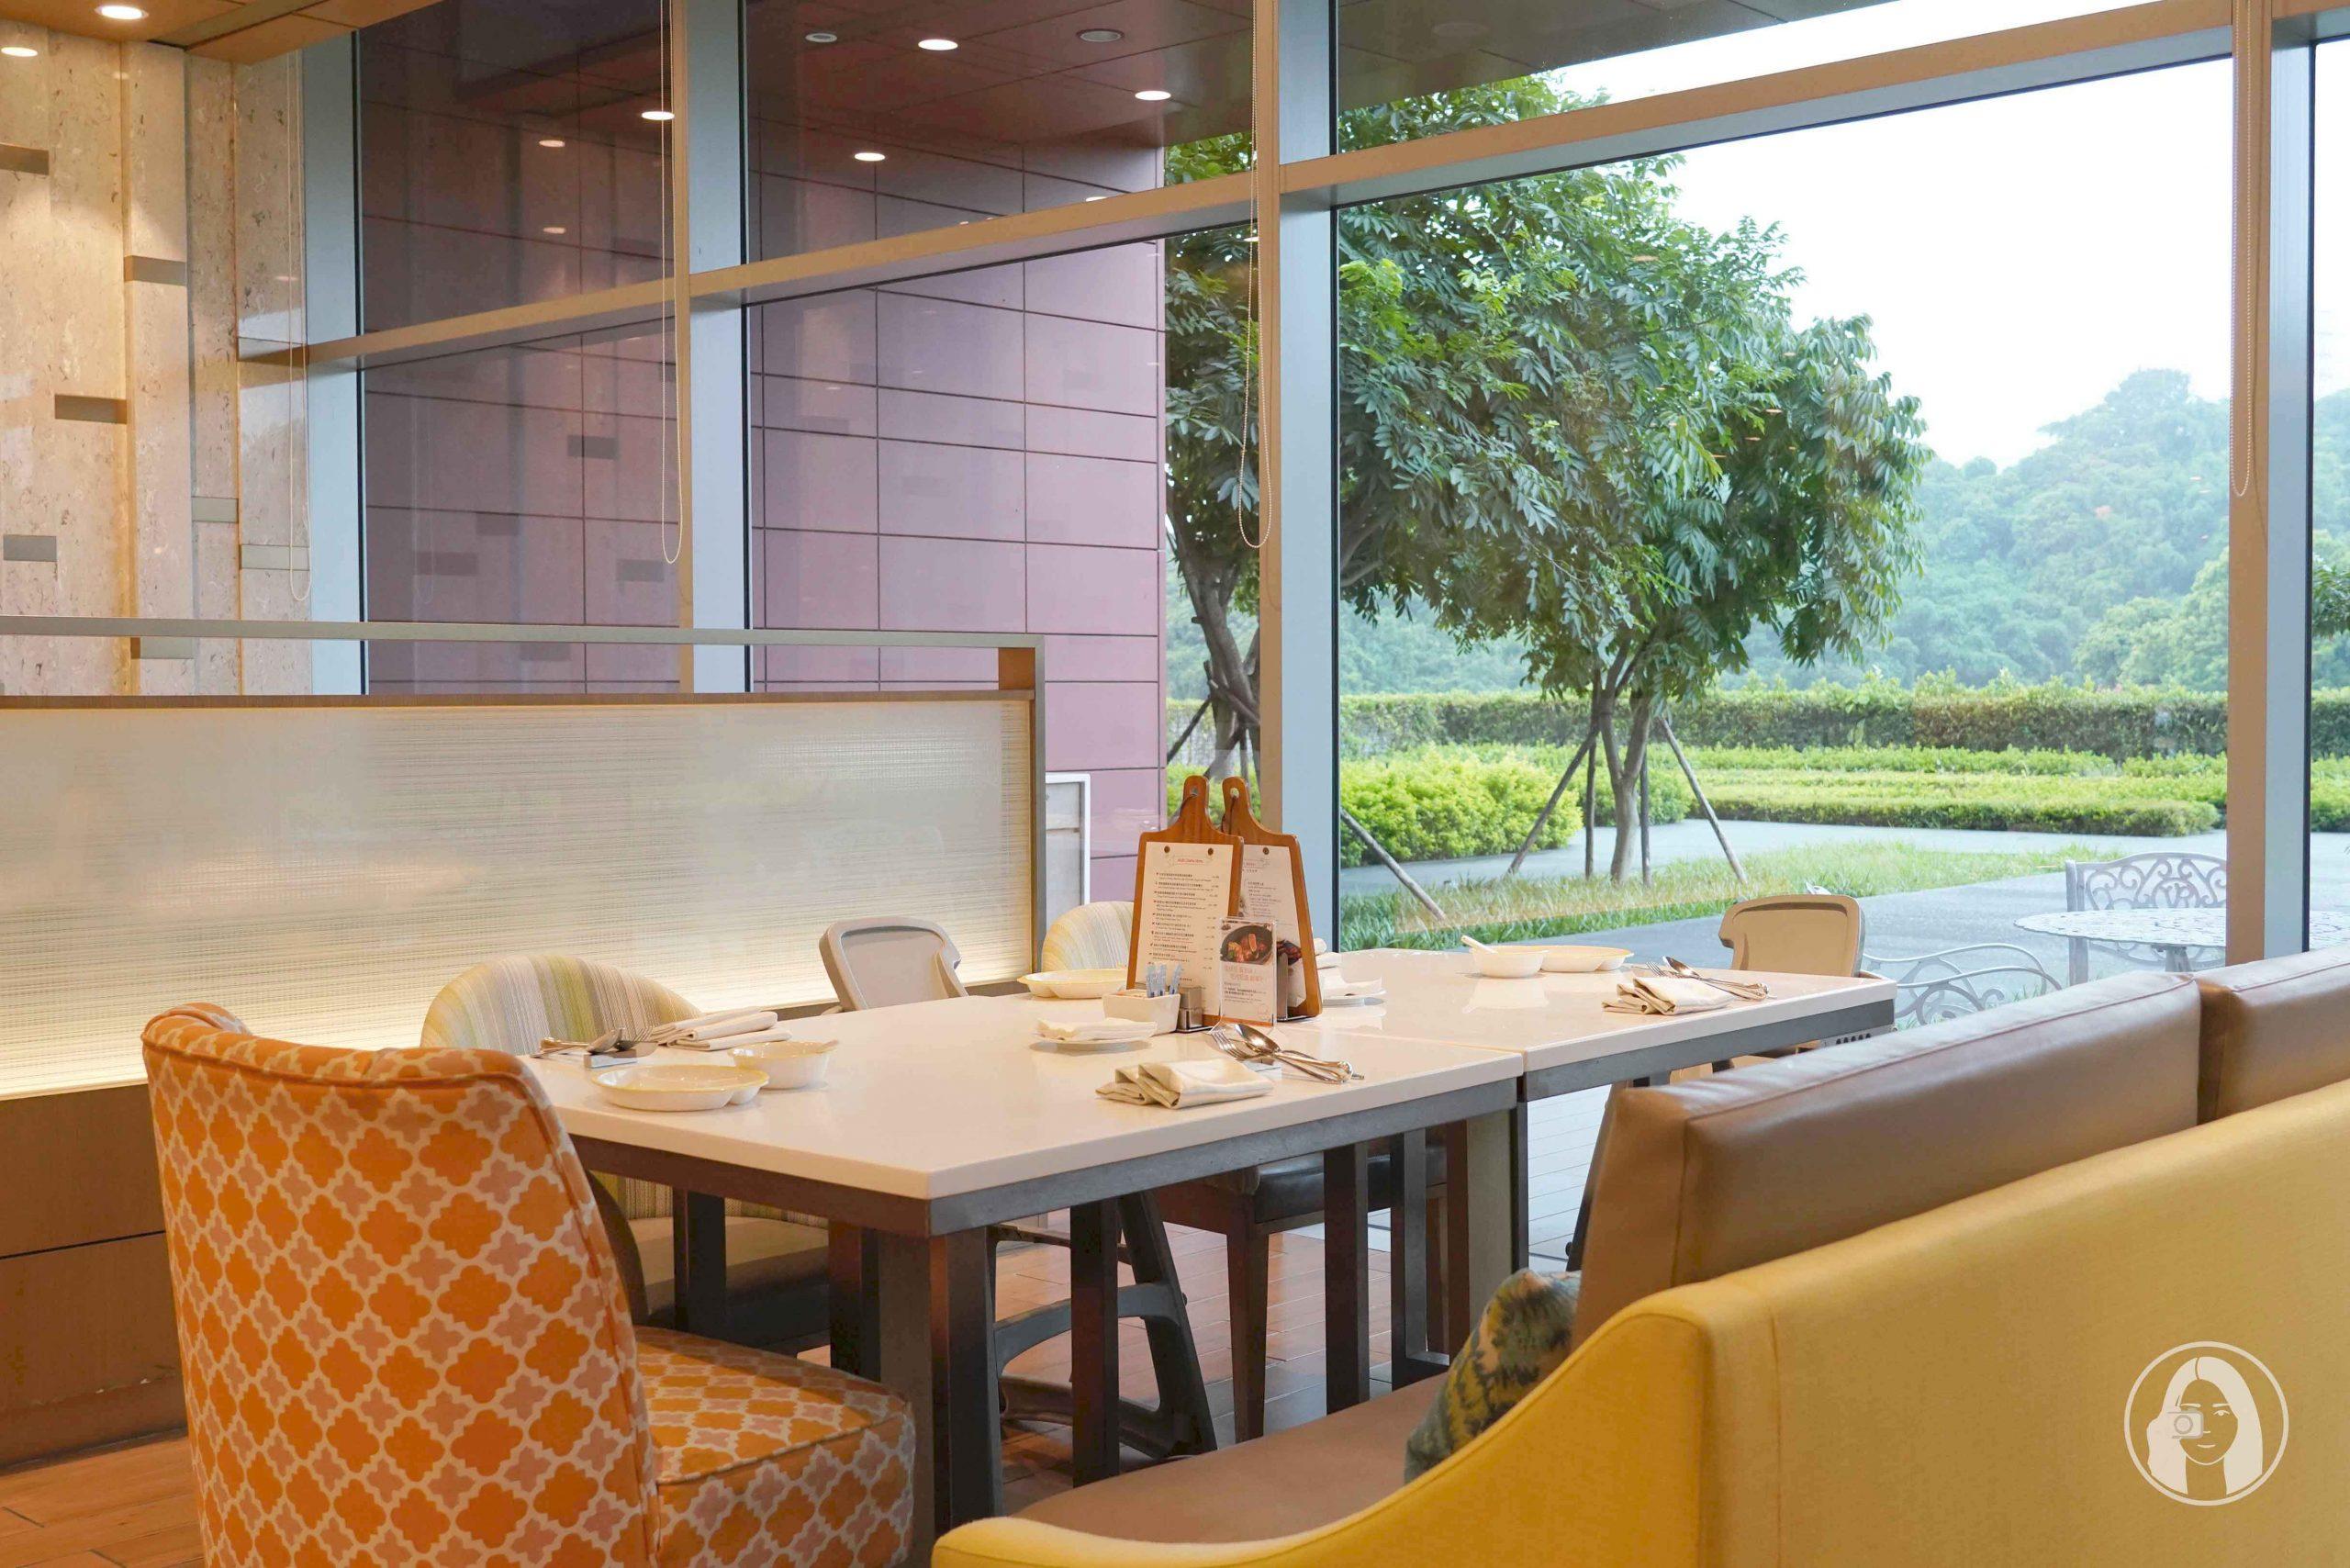 台北南港六福萬怡酒店 敘日全日餐廳 好萊塢名人也愛荷斯登牛肋眼牛排 頂級海陸特色主餐